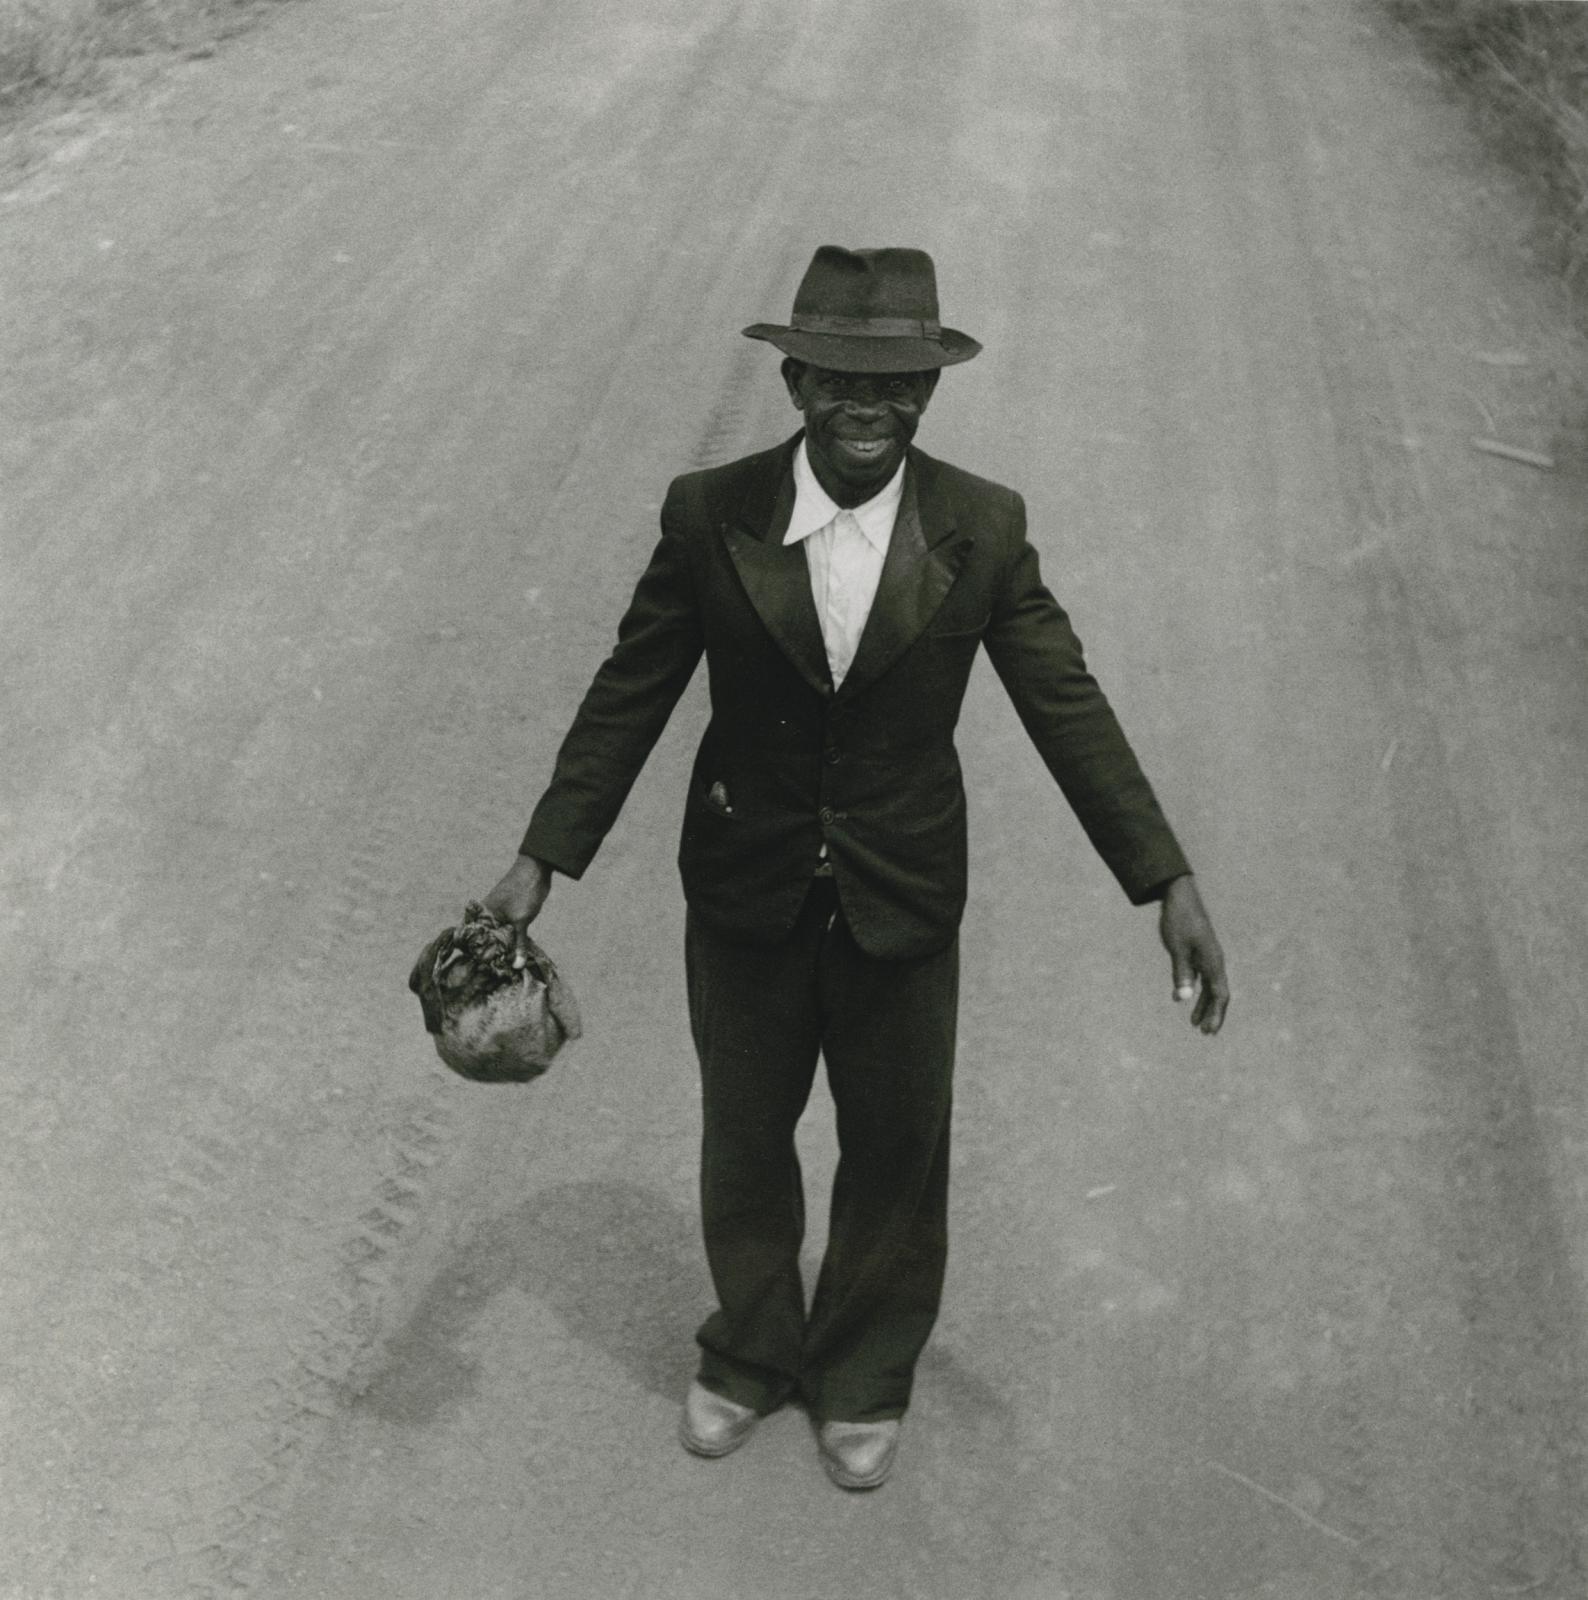 Un smoking sur la route de Dolisie, A.E.F, 1951, tirage argentique de l'exposition du Mam de 1983, 26,6 x 26,4 cm. Estimation: 400/600 €